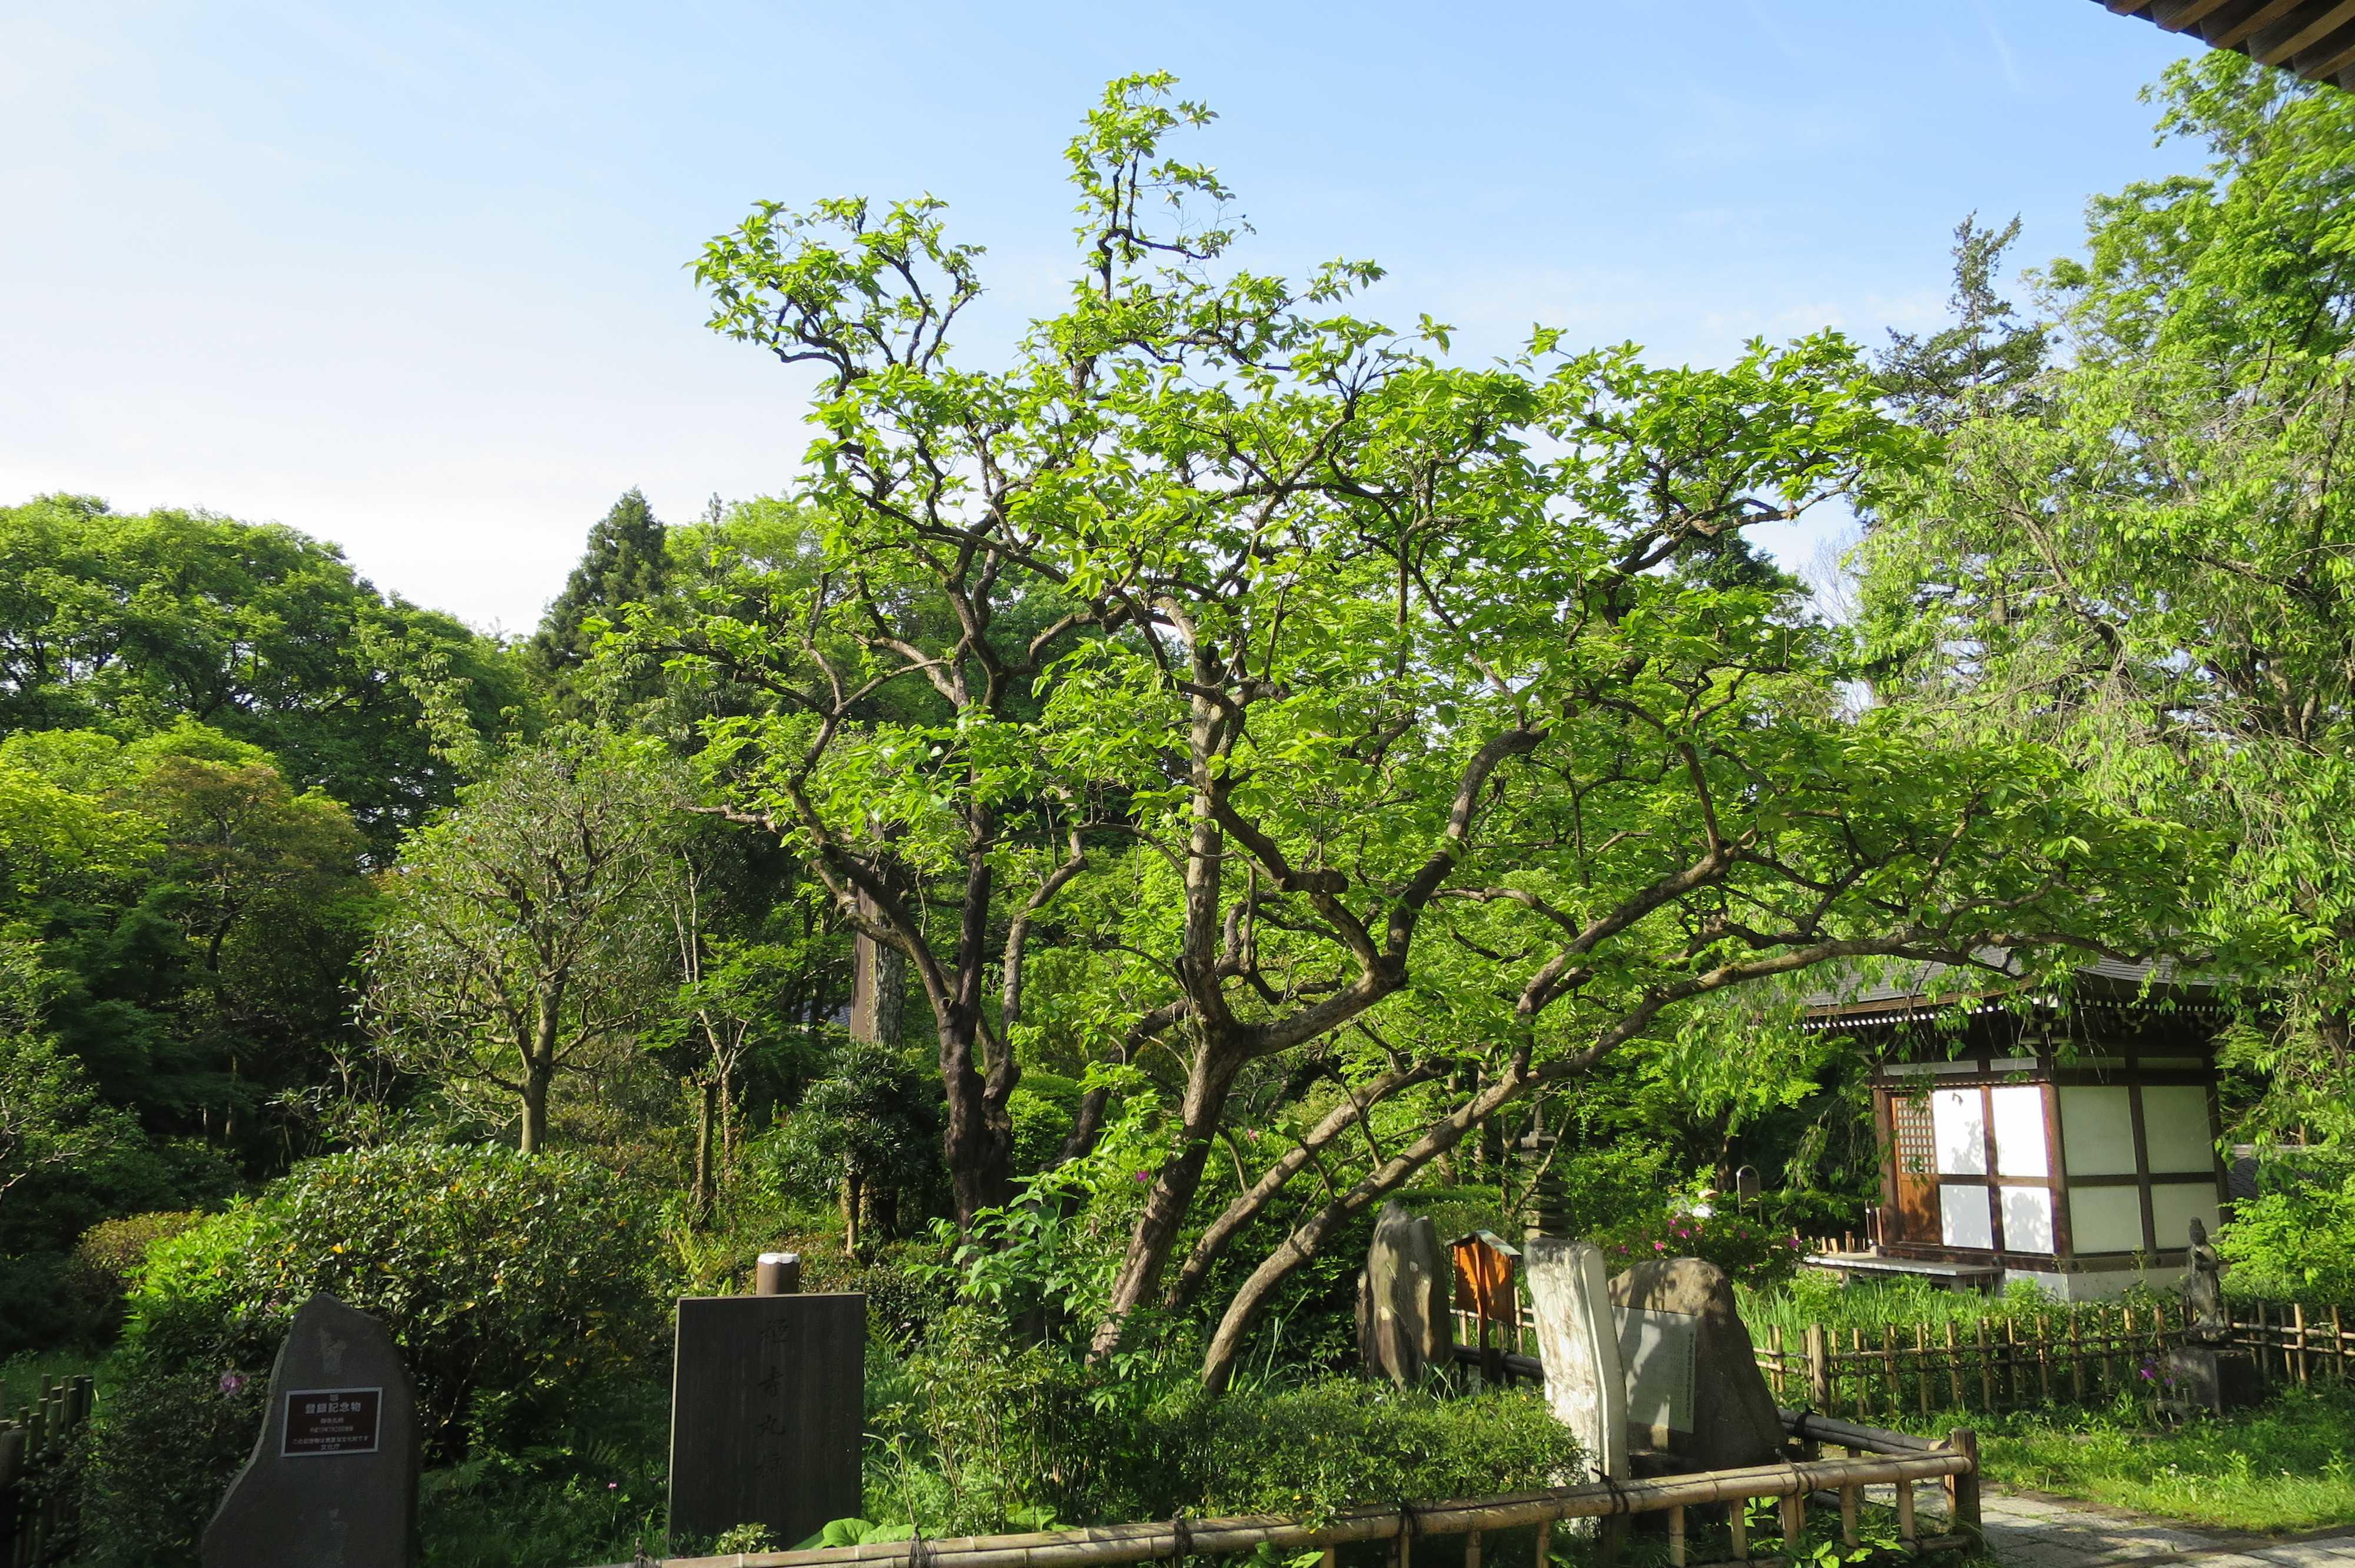 横から見た禅寺丸柿の原木